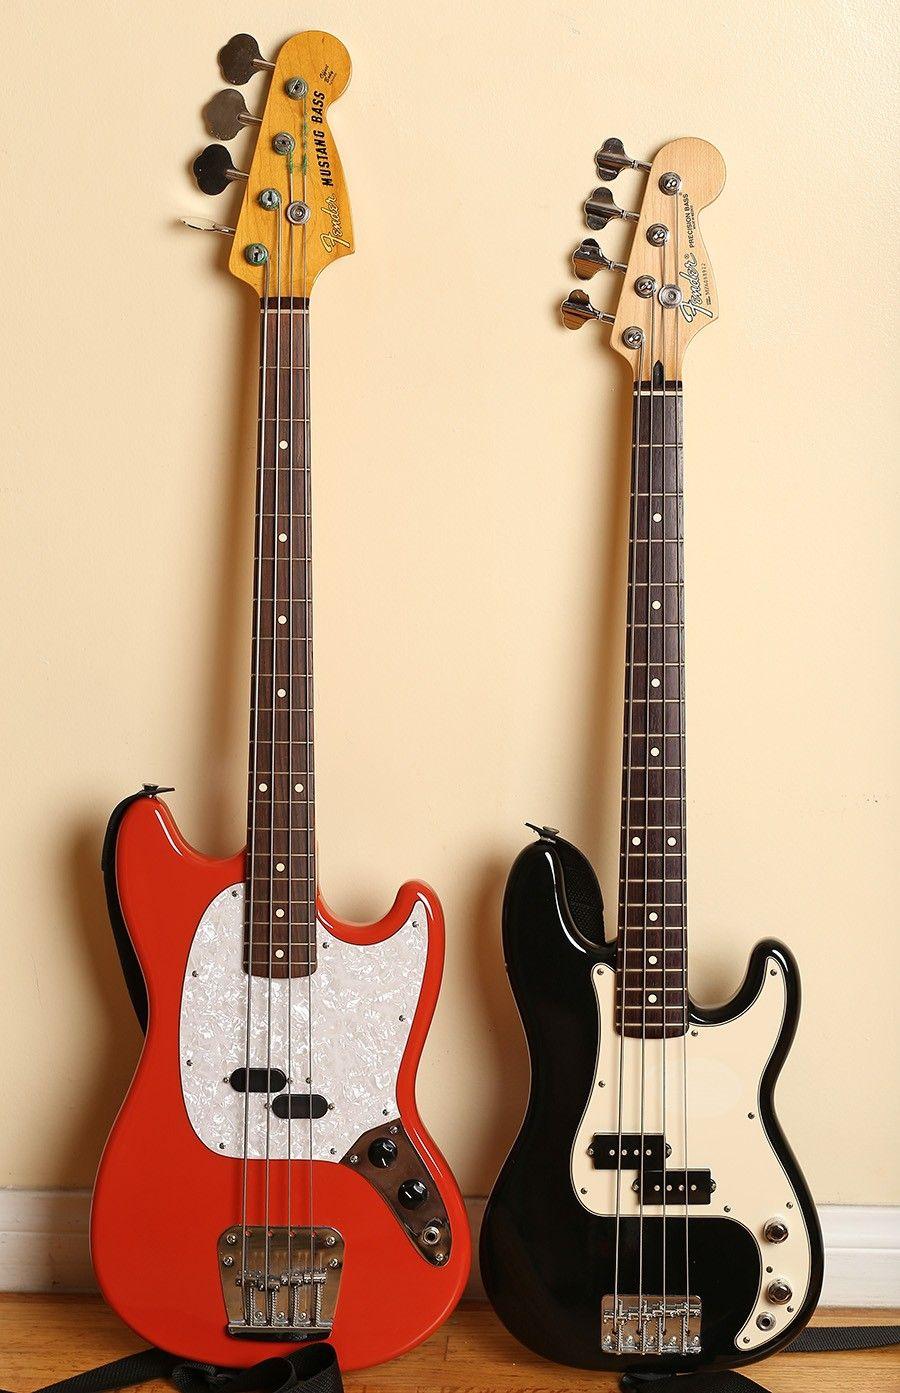 Fender Mustang Fender Precision Jr Basses Bass Guitar Guitar Bass